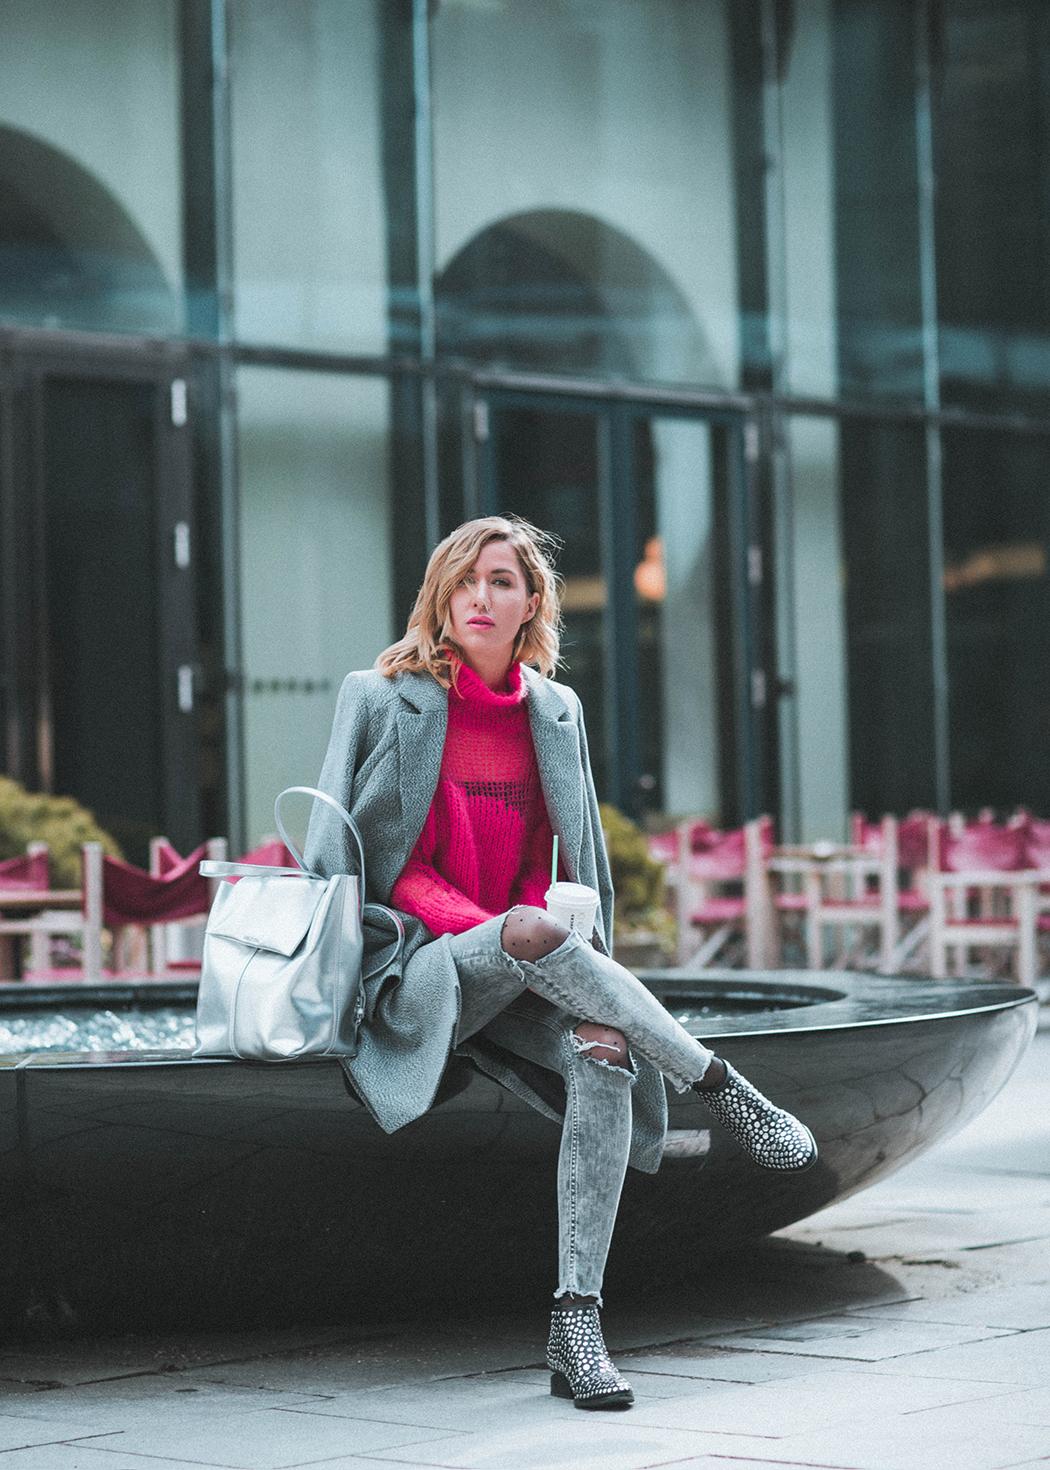 Fashionblog-Fashionblogger-Fashion-Blog-Blogger-Muenchen-Deutschland-Max-and-Co-Rucksack-silber-Lindarella-14-web